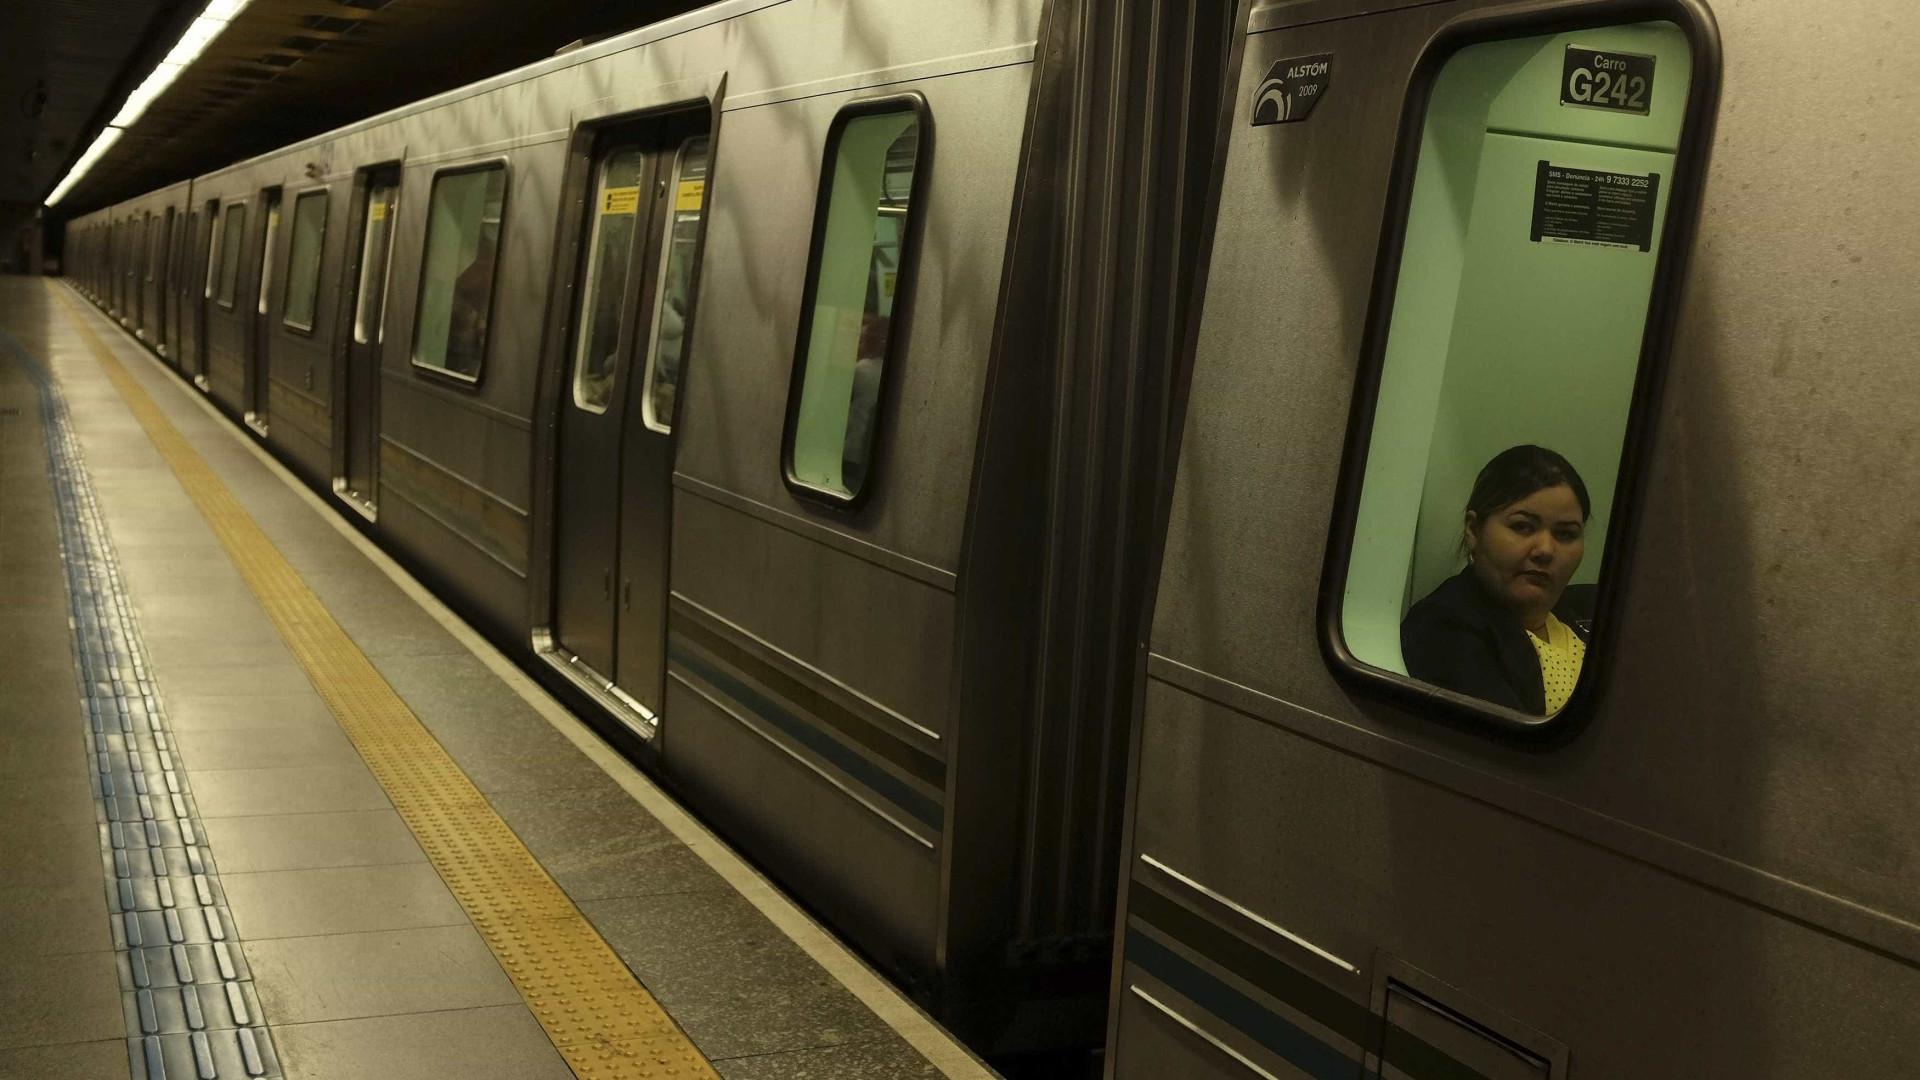 SP: Justiça obriga empresa a parar de coletar dados faciais do metrô